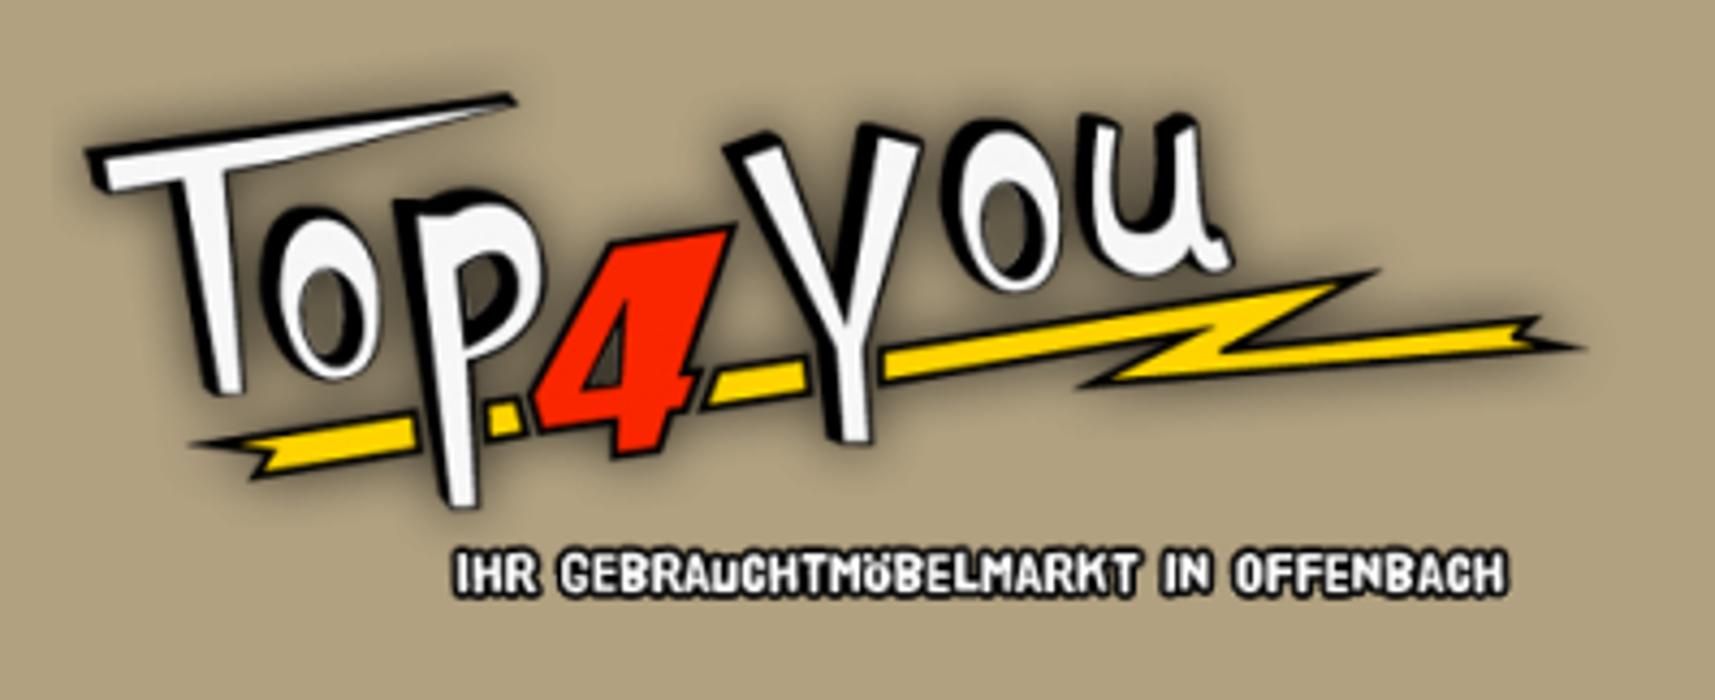 Bild zu Top4You - Der Gebrauchtmöbelmarkt in Offenbach am Main